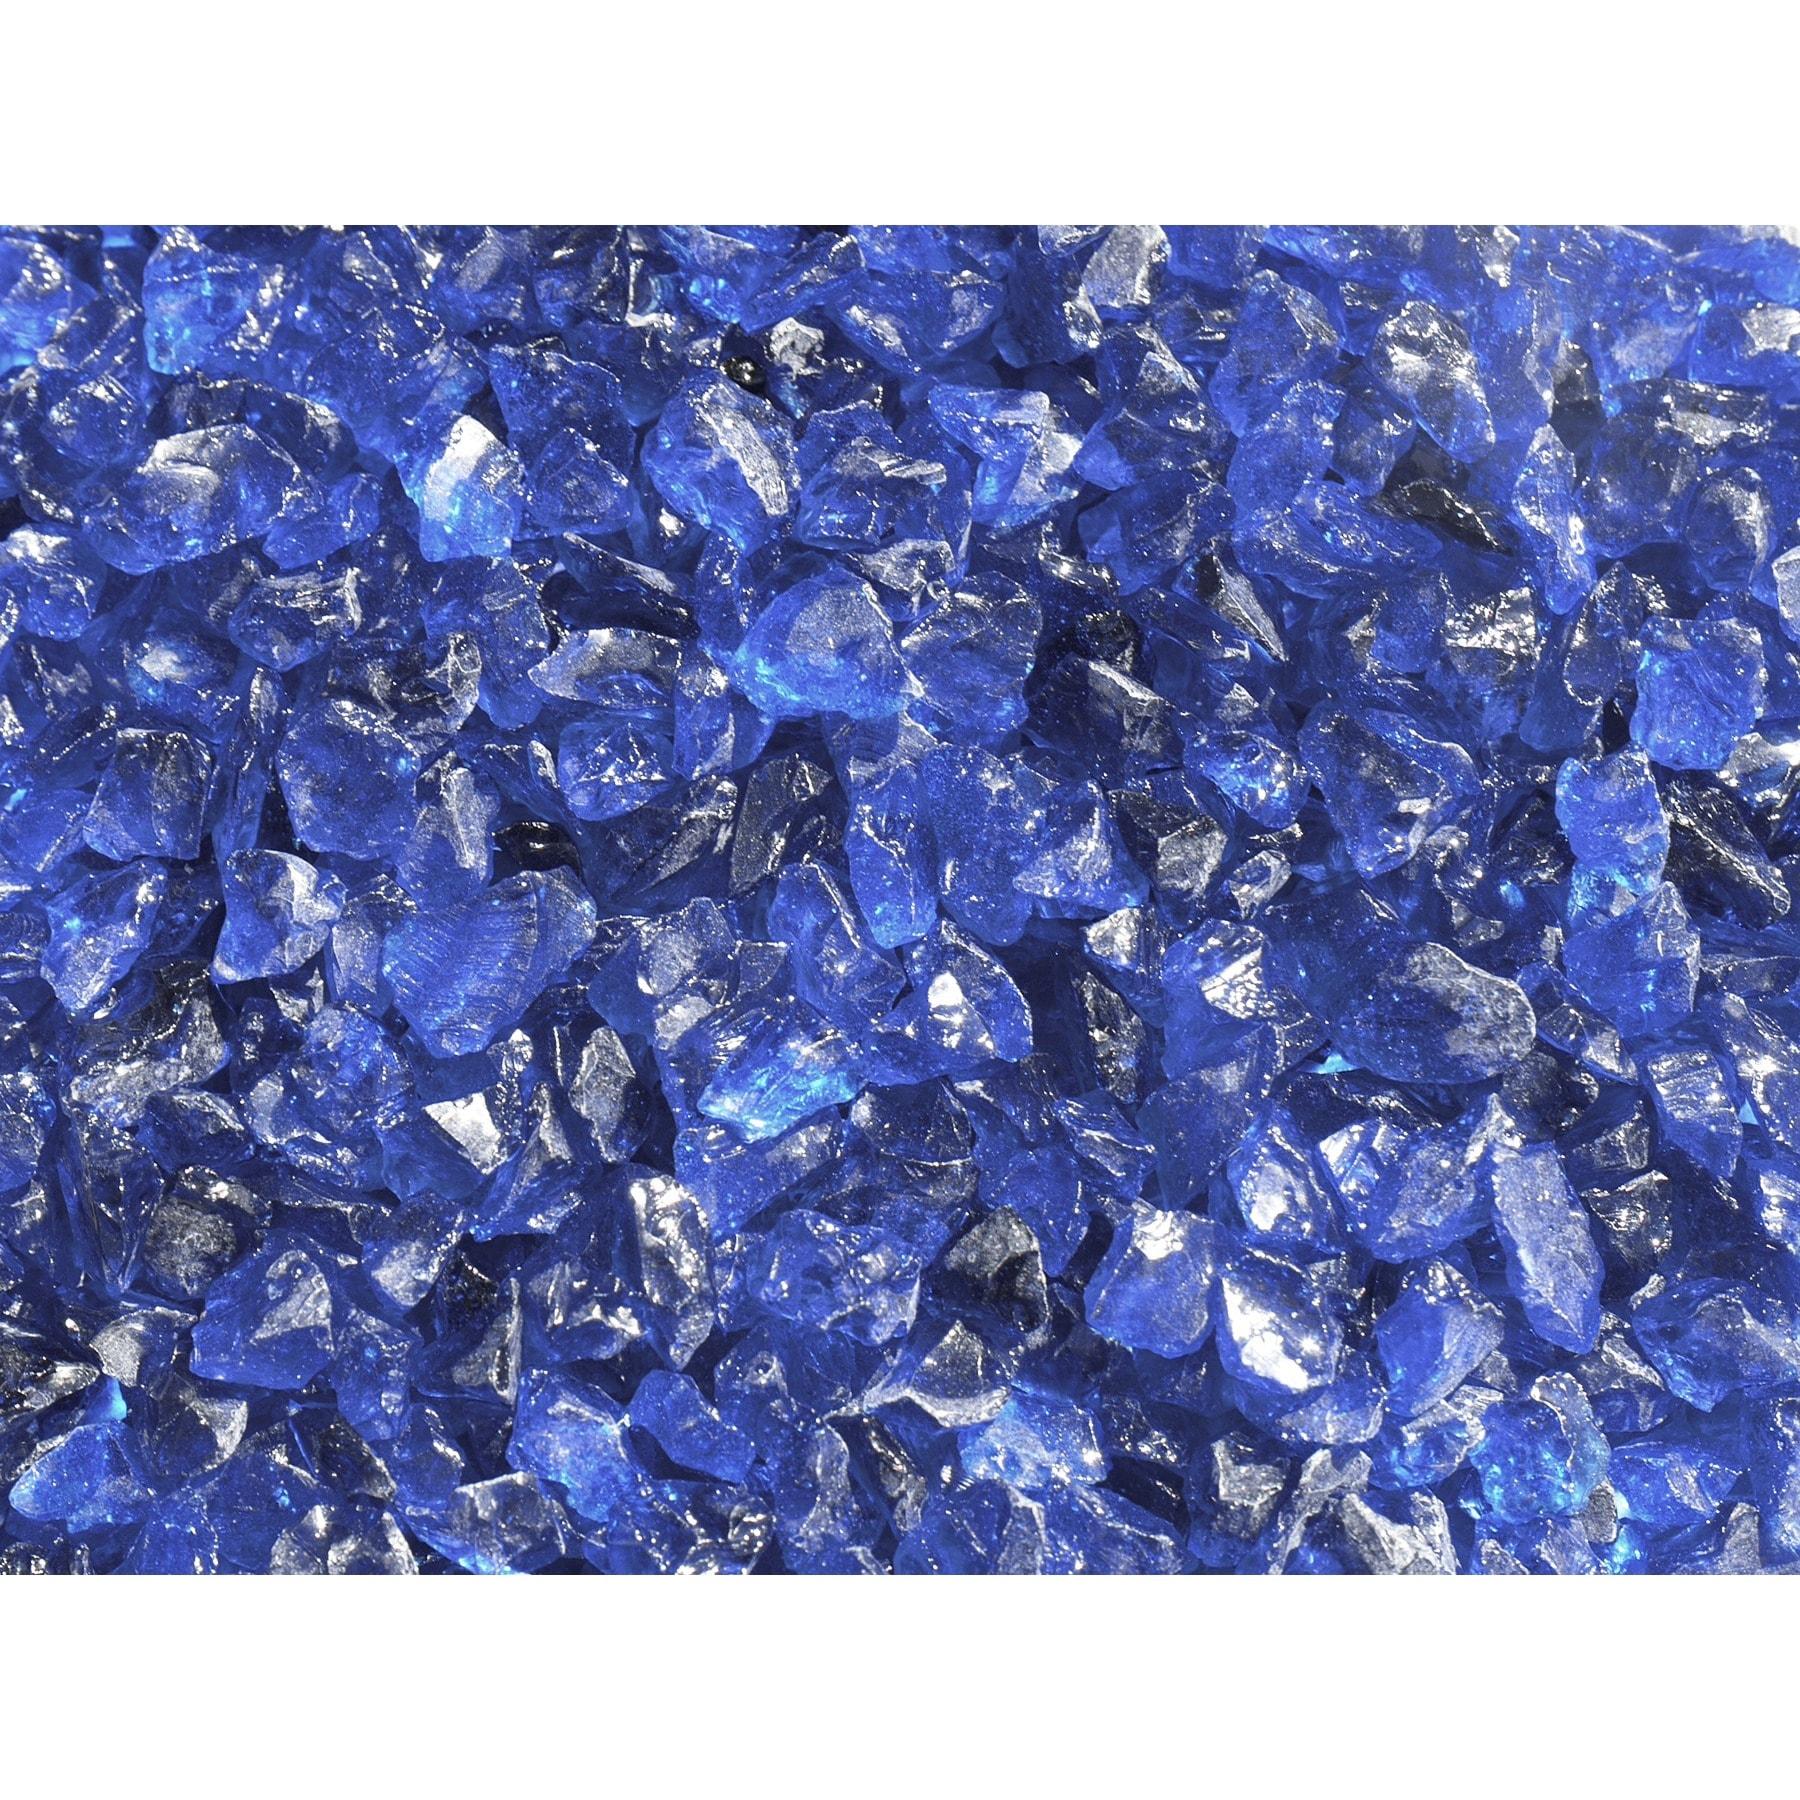 Exotic Pebbles & Aggregates EG10-L05 10-pound Ocean Blue ...